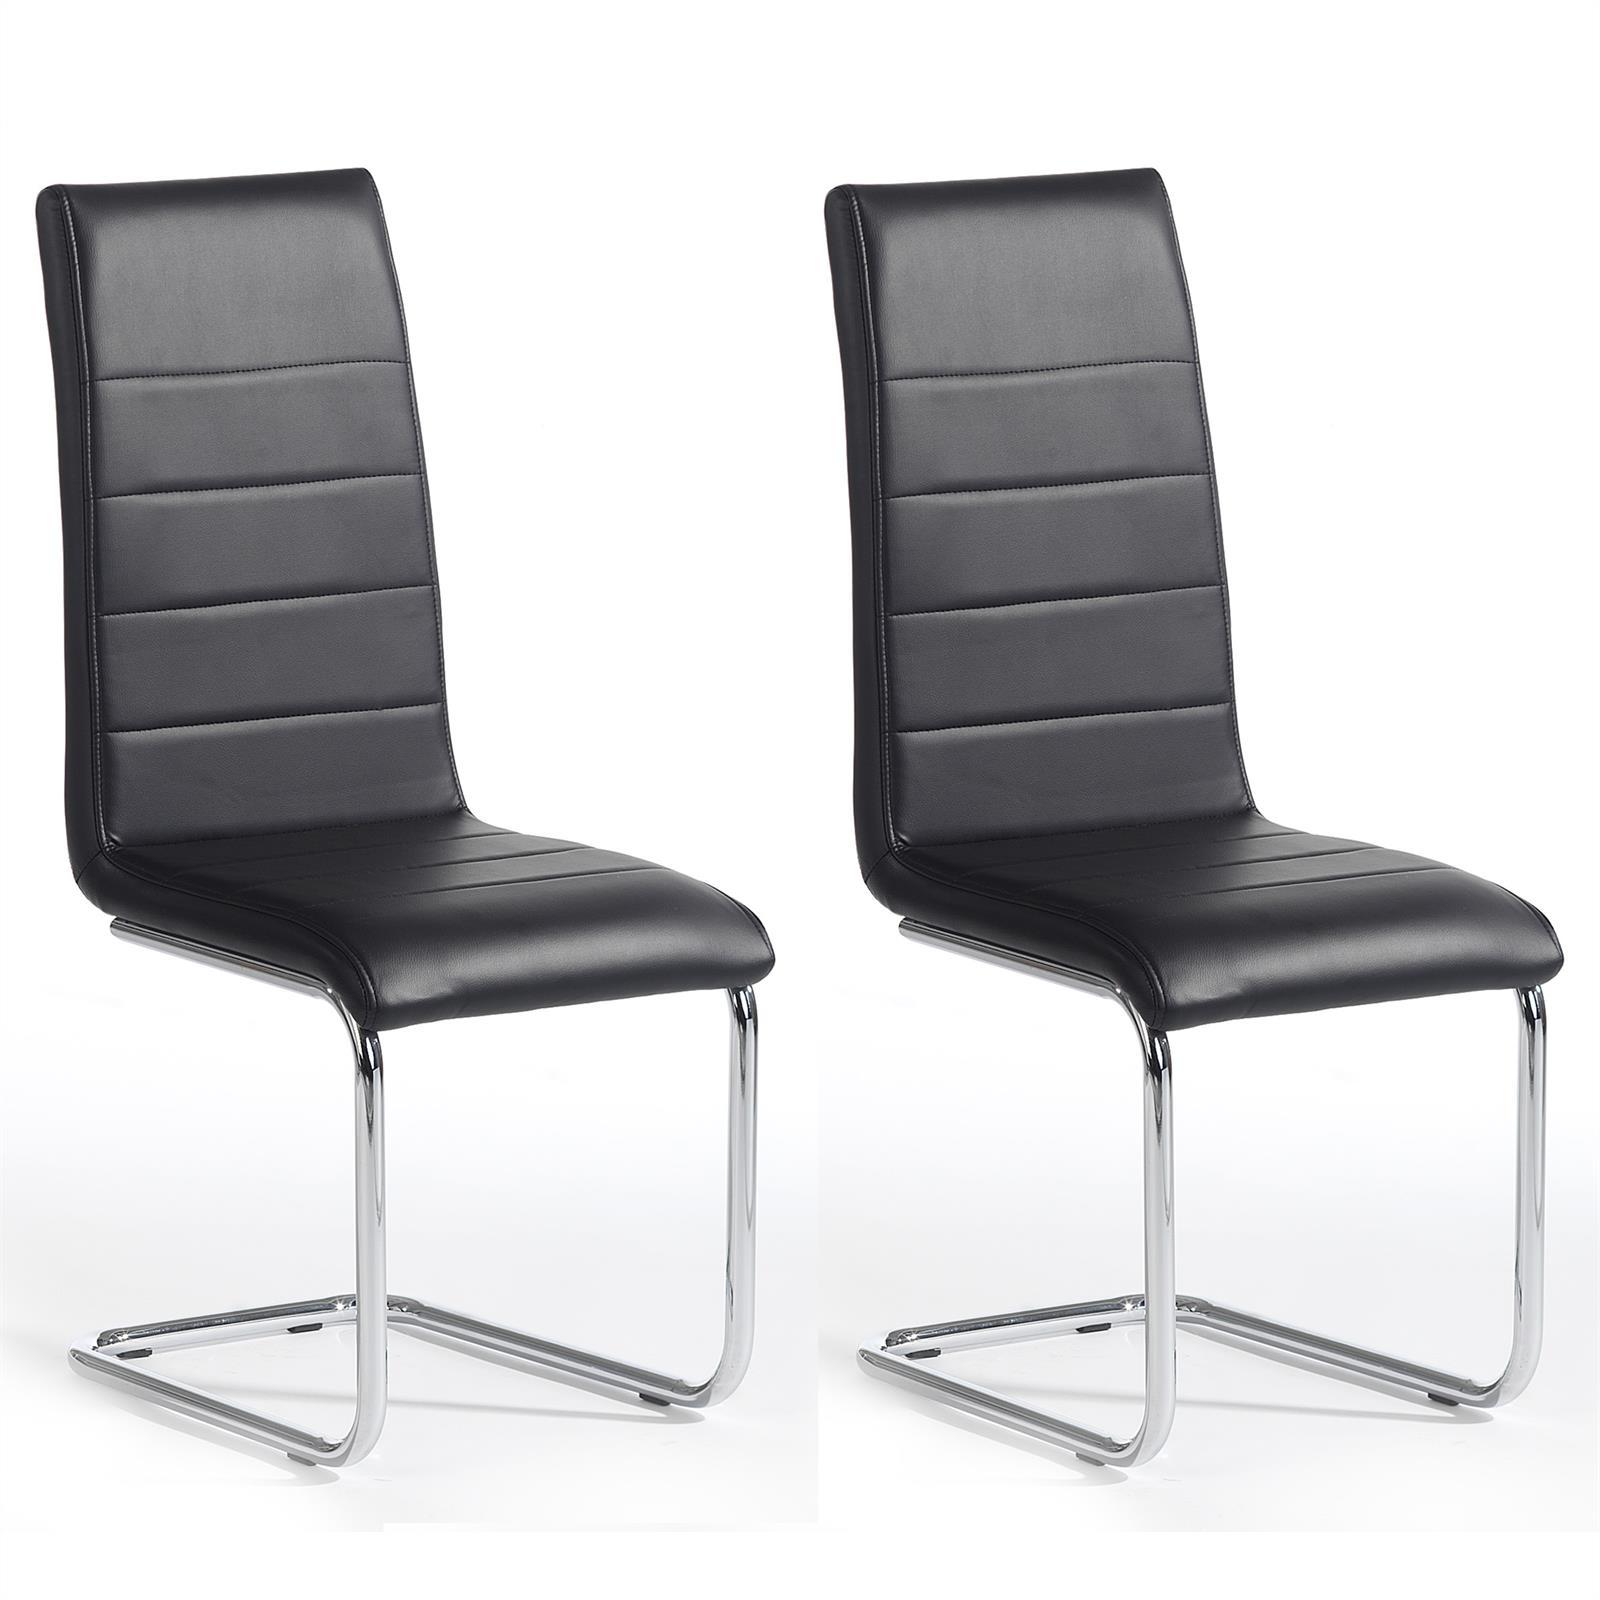 schwingstuhl leni freischwinger schwarz mobilia24. Black Bedroom Furniture Sets. Home Design Ideas